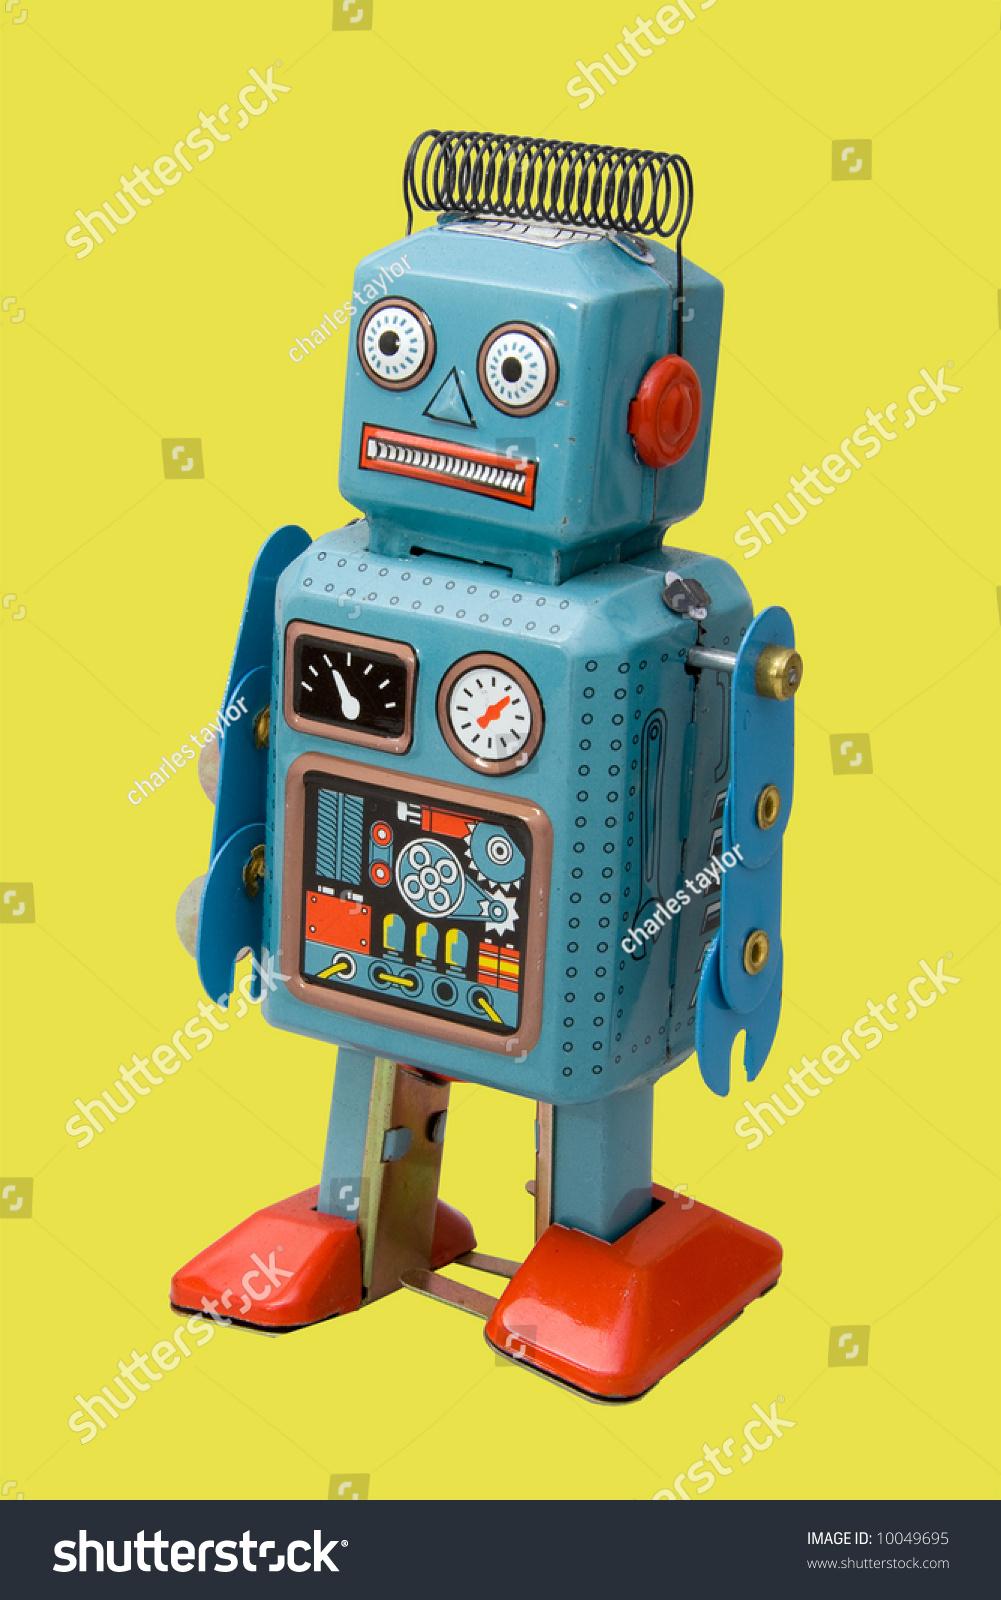 Retro Robot Toy Yellow Background Stock Photo 10049695 ...